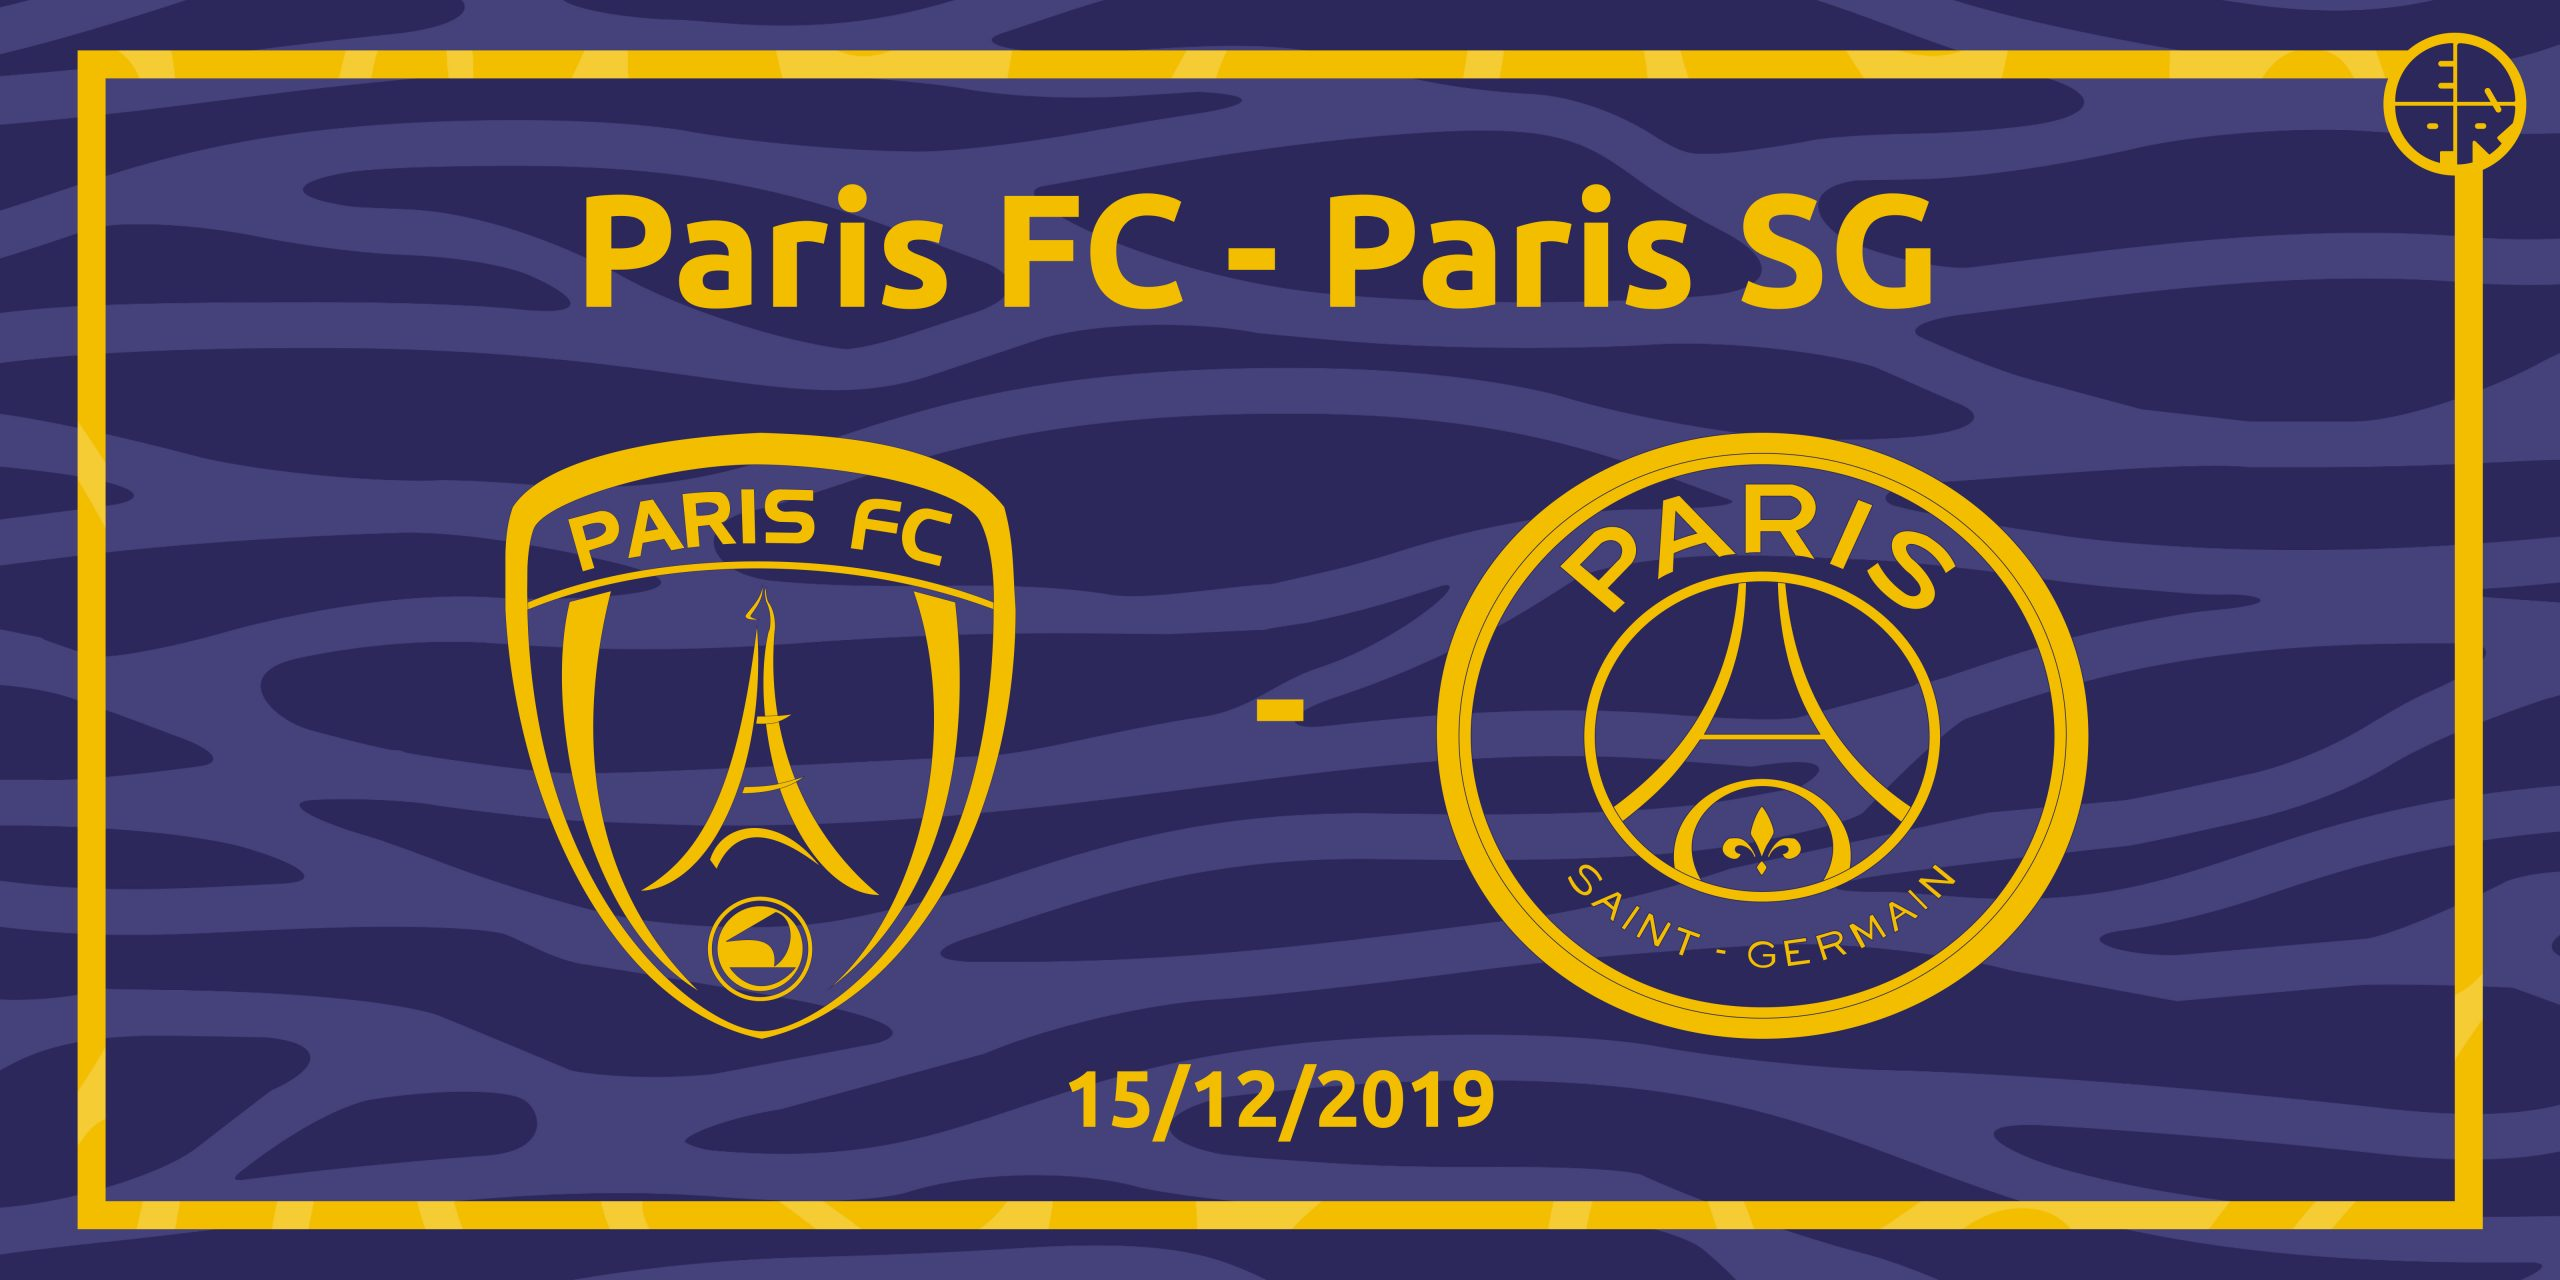 Visuel paris fc - PSG 15/12/2019